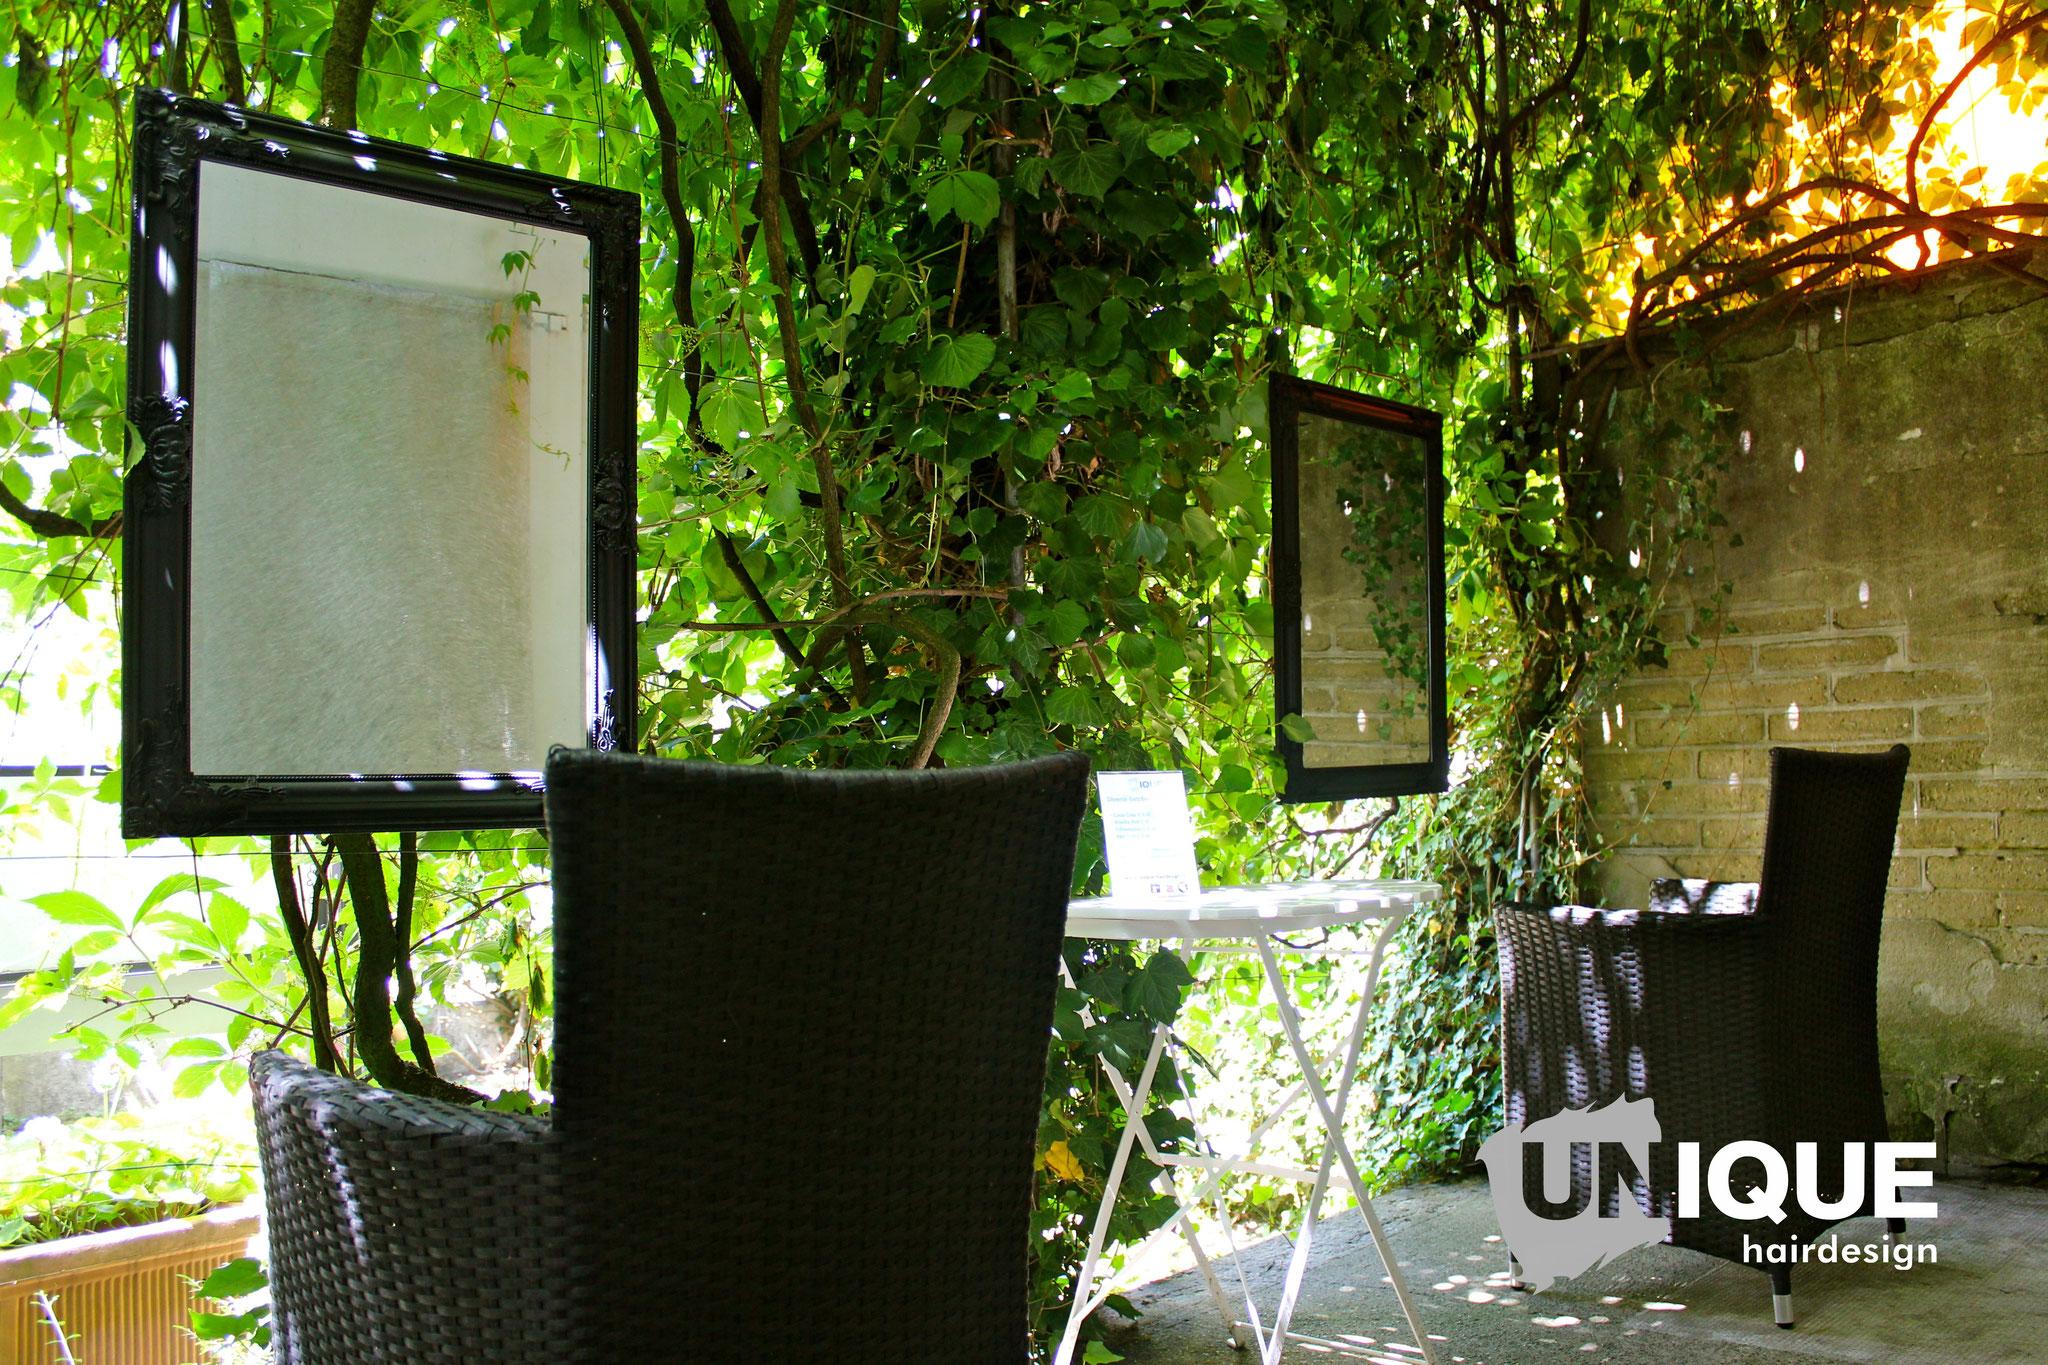 UNIQUE hairdesign - Open Air Coiffeur Solothurn